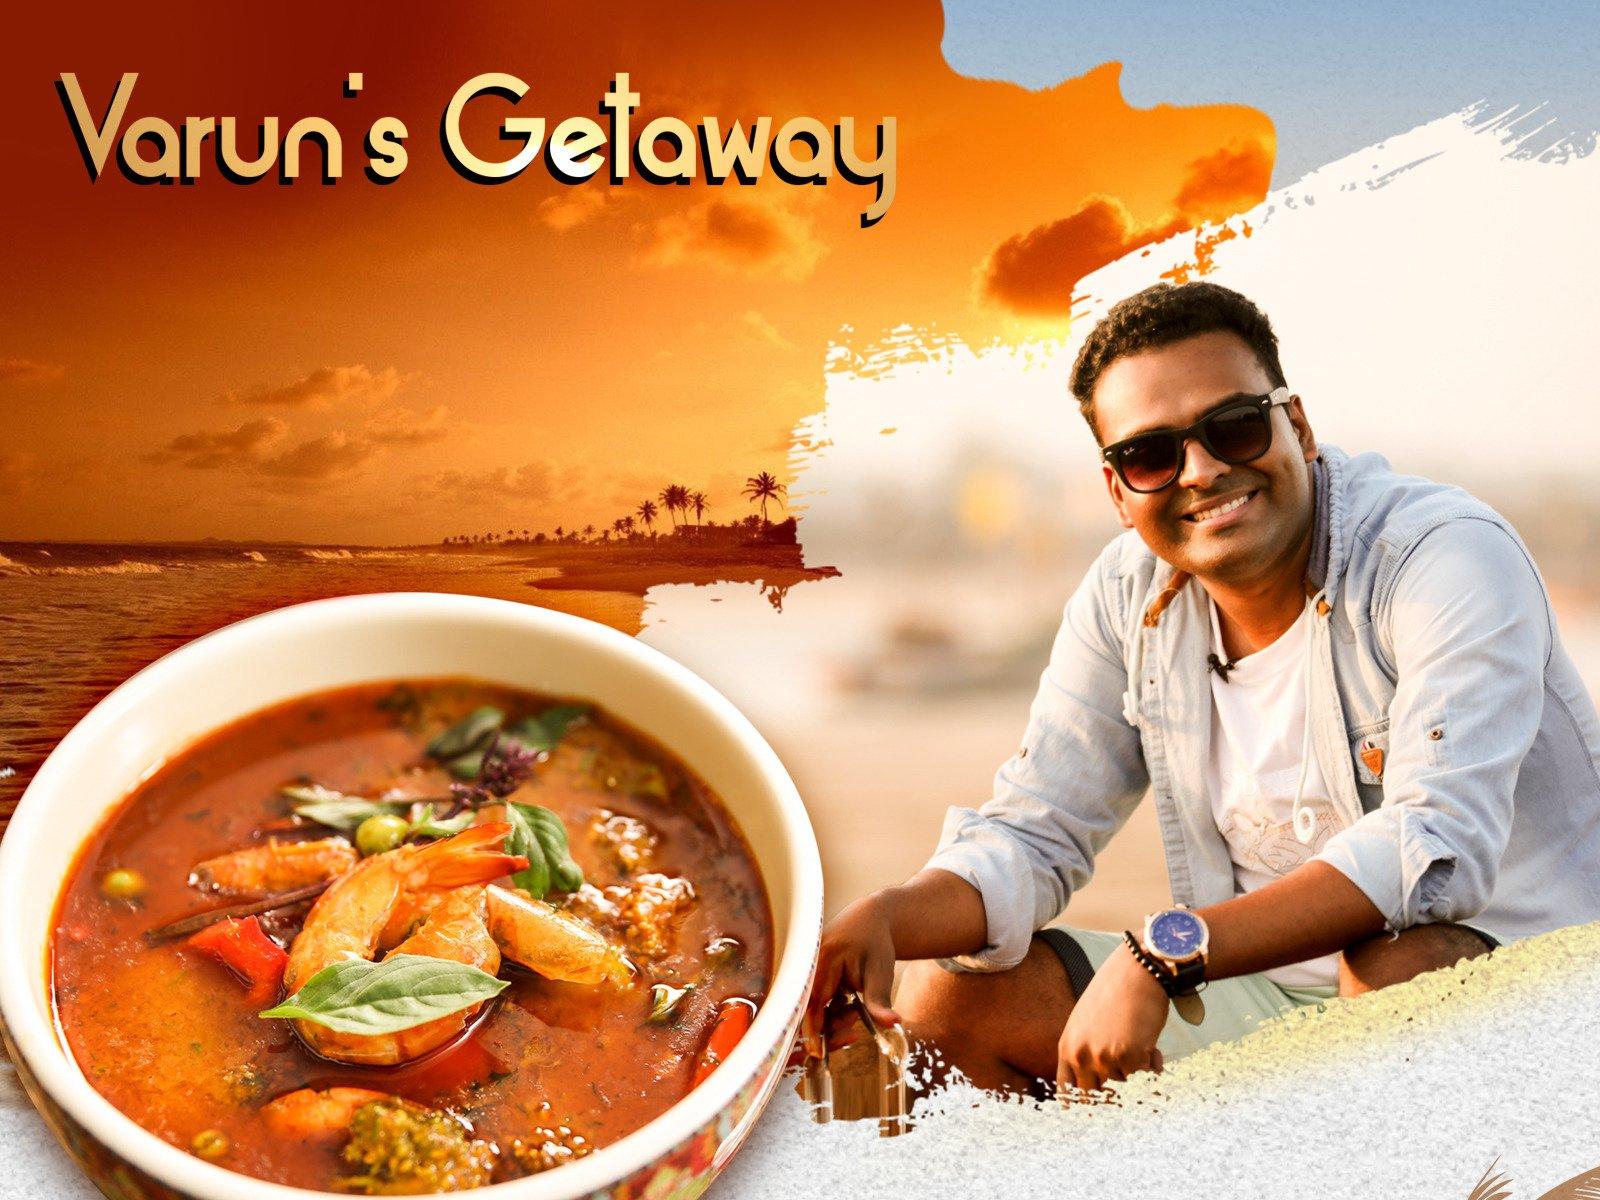 Clip: Varun's Getaway